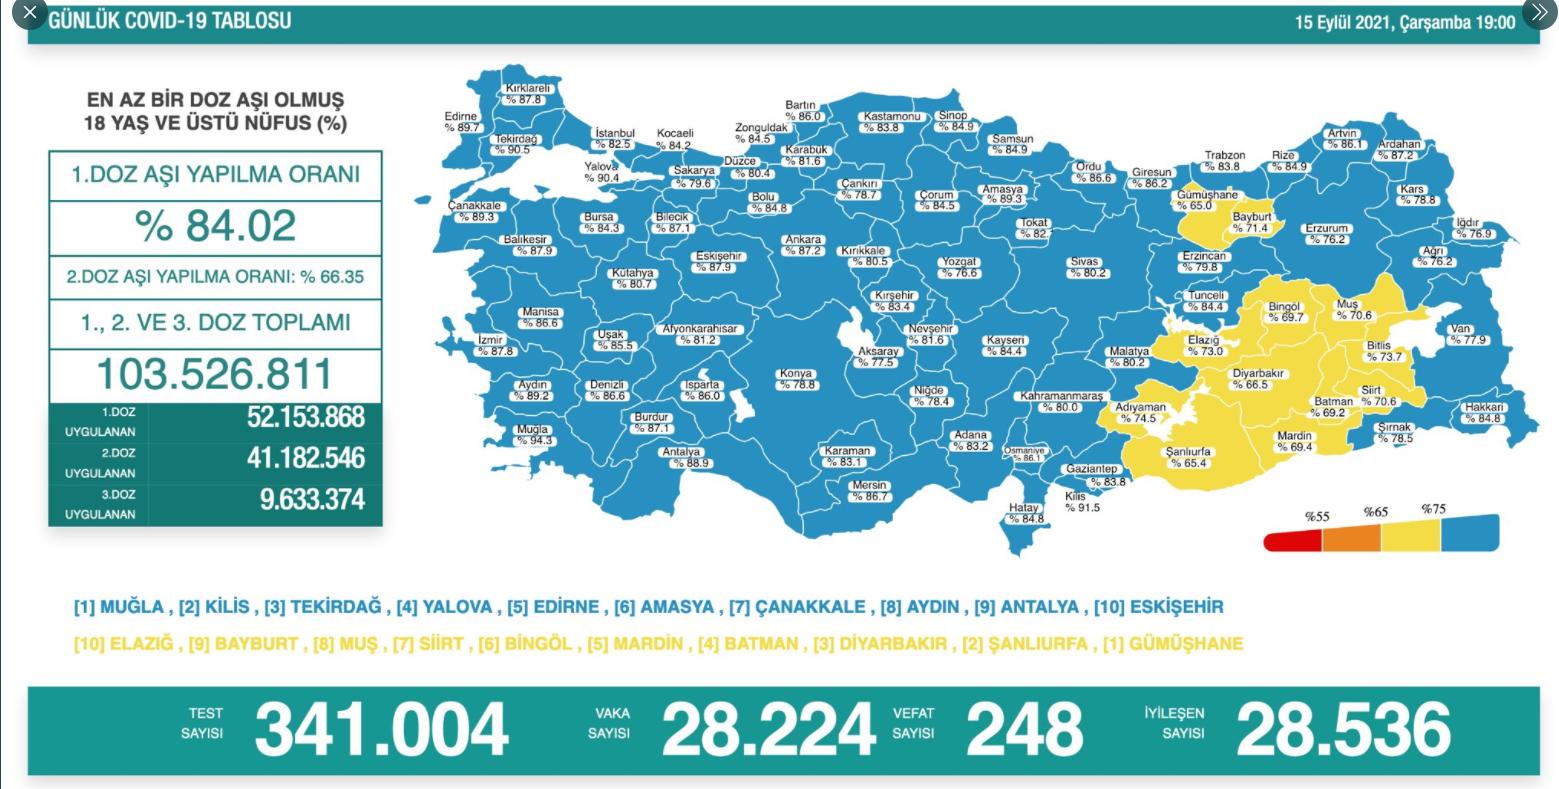 إصابات كورونا في تركيا